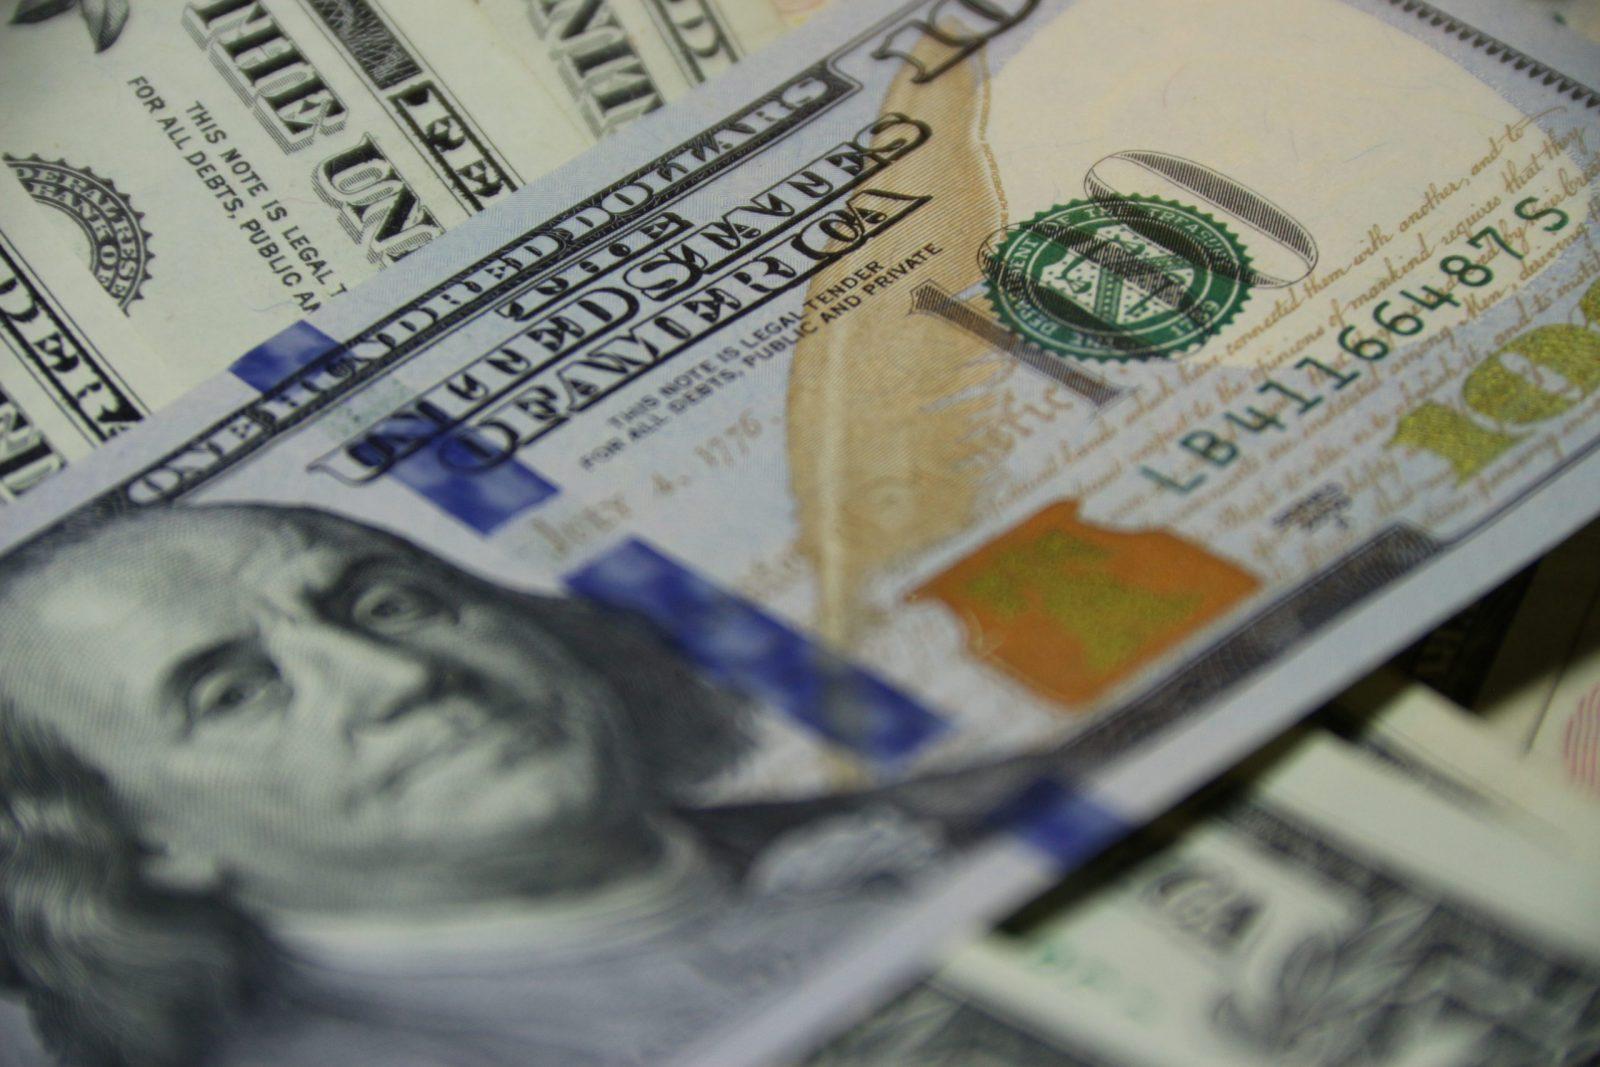 Les Américains n'arrivent pas à rembourser des millions de prêts alors que la COVID-19 menace l'économie du pays